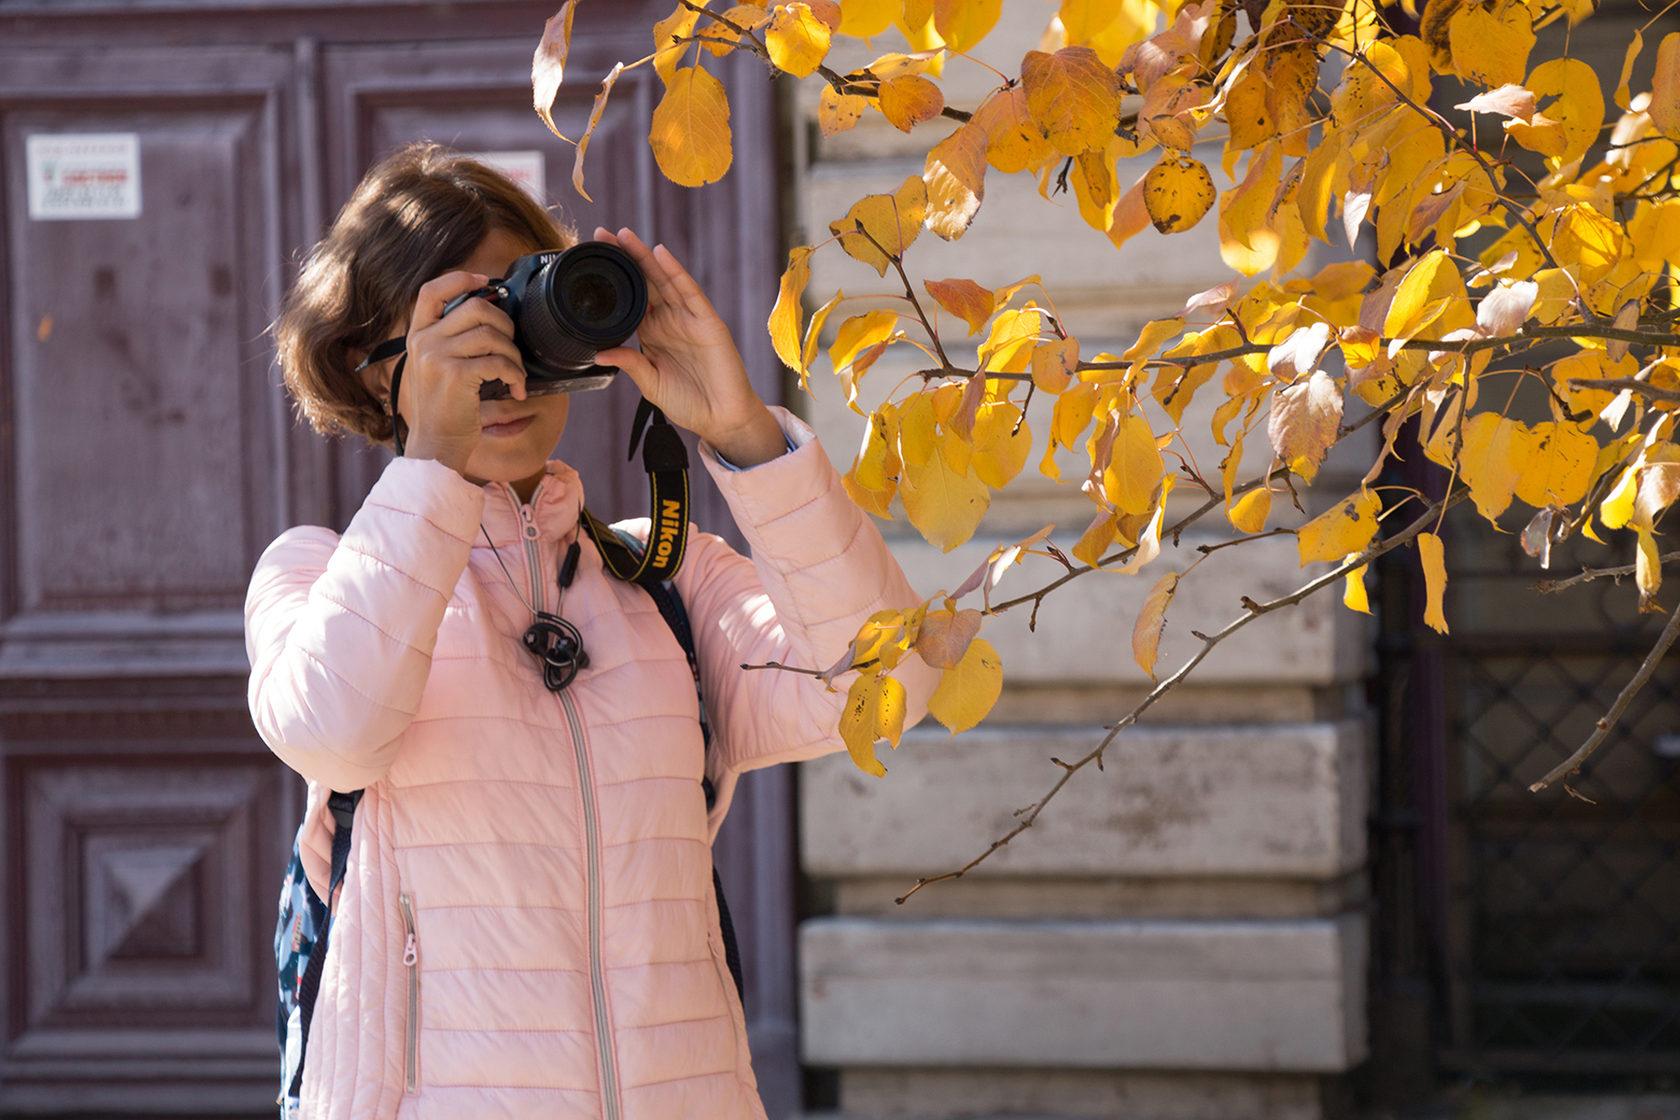 курсы начинающего фотографа в самаре жителей москвы каждый